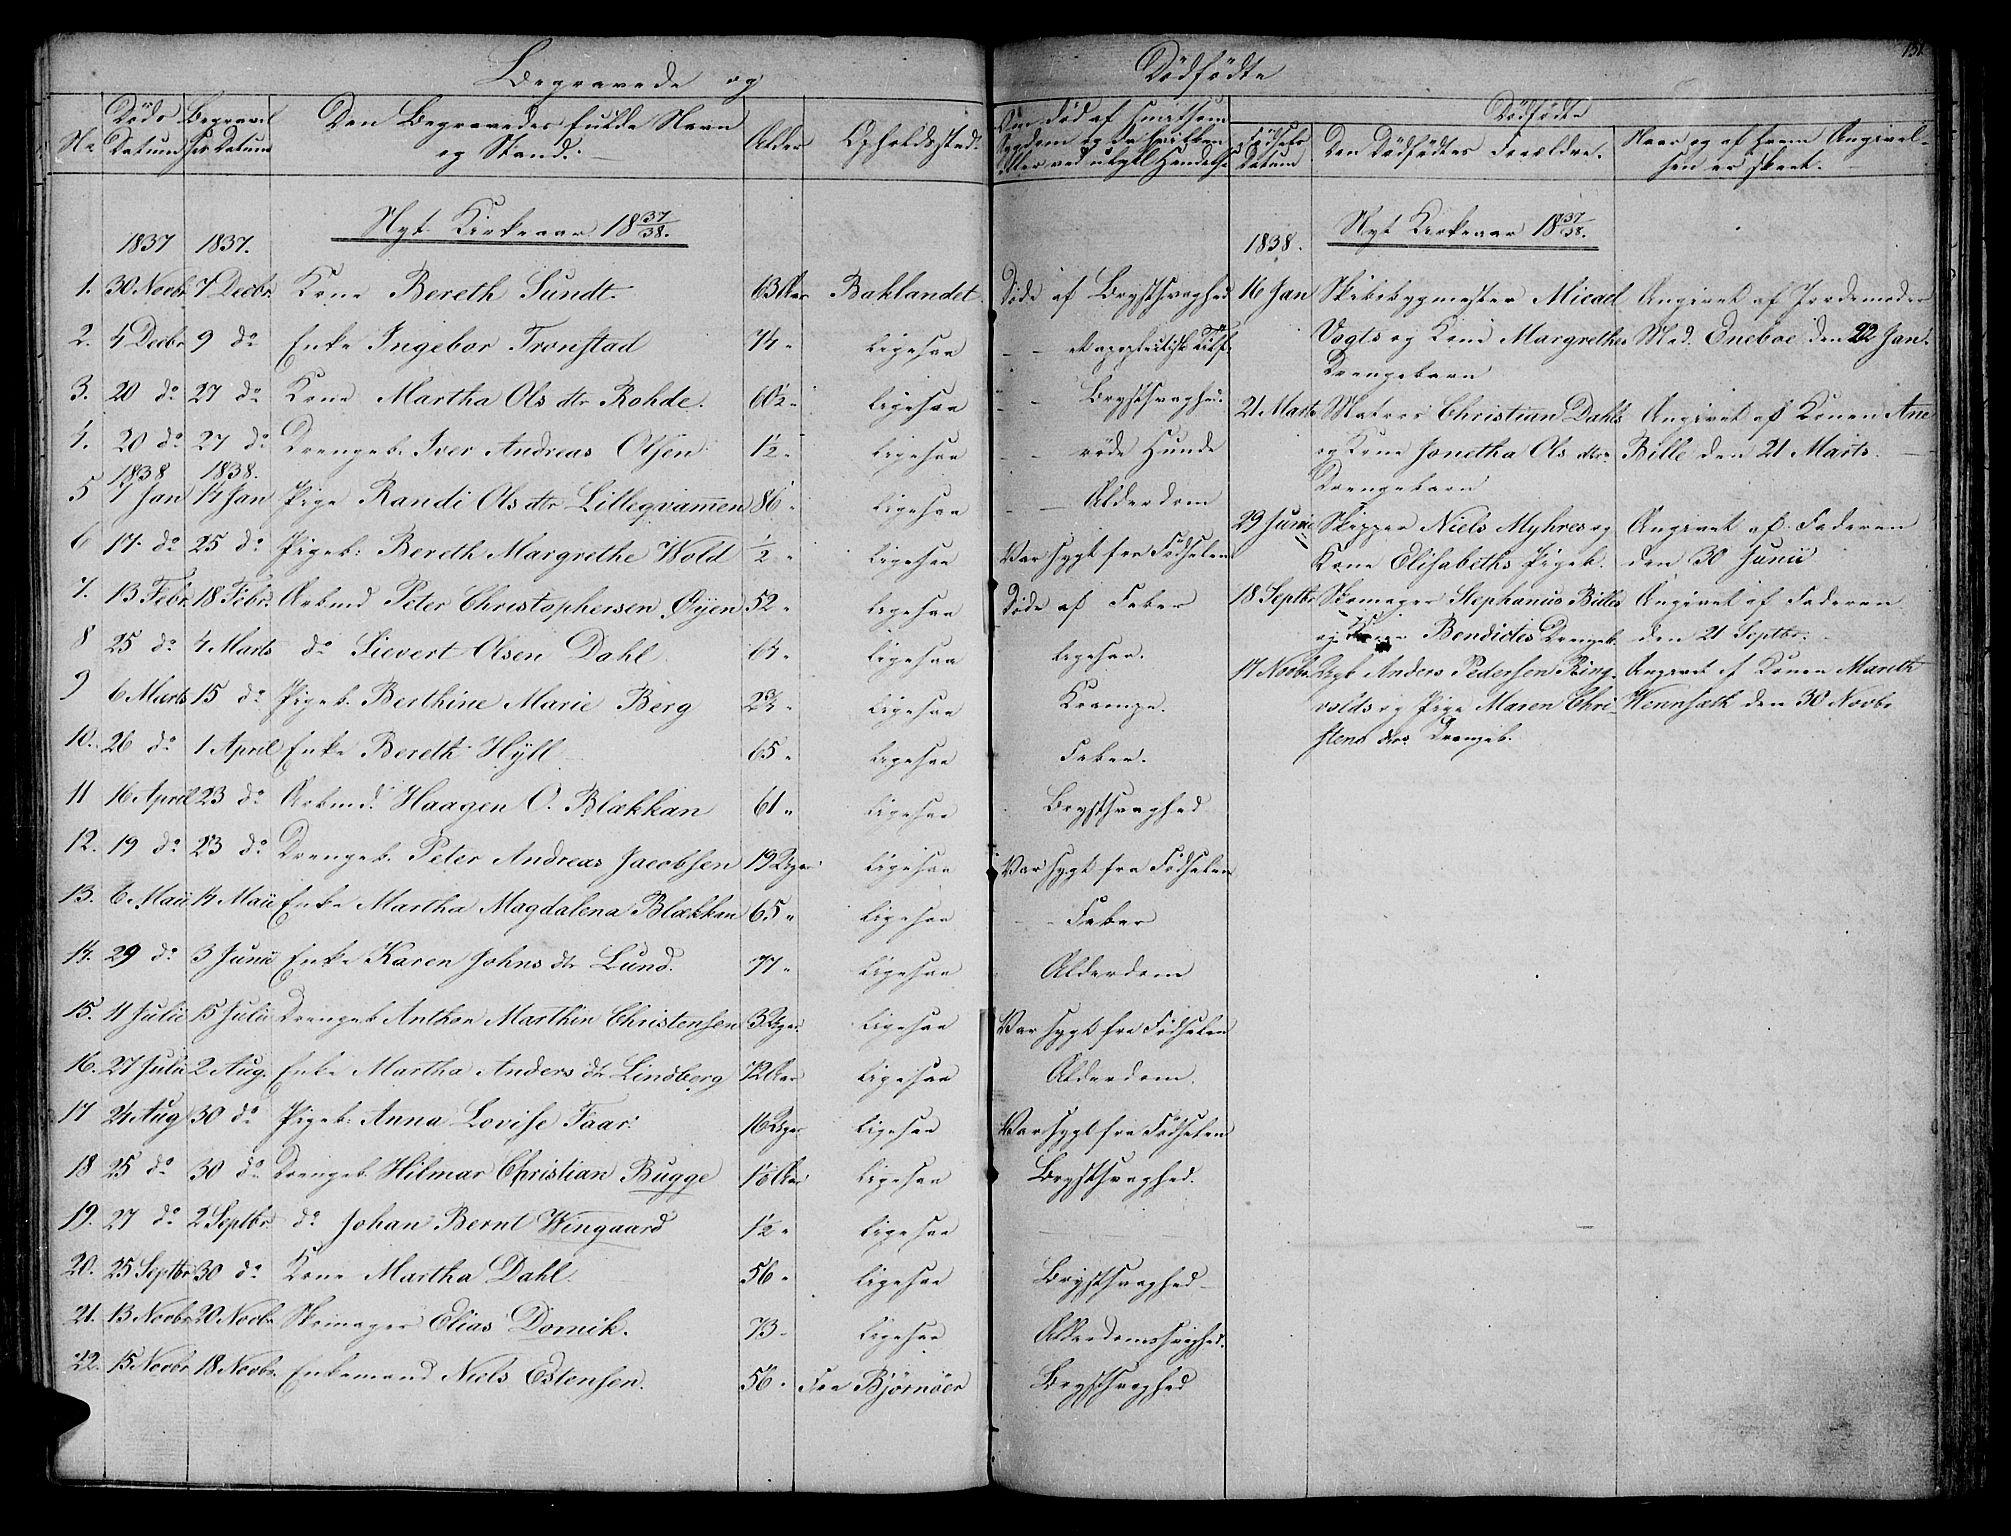 SAT, Ministerialprotokoller, klokkerbøker og fødselsregistre - Sør-Trøndelag, 604/L0182: Ministerialbok nr. 604A03, 1818-1850, s. 131